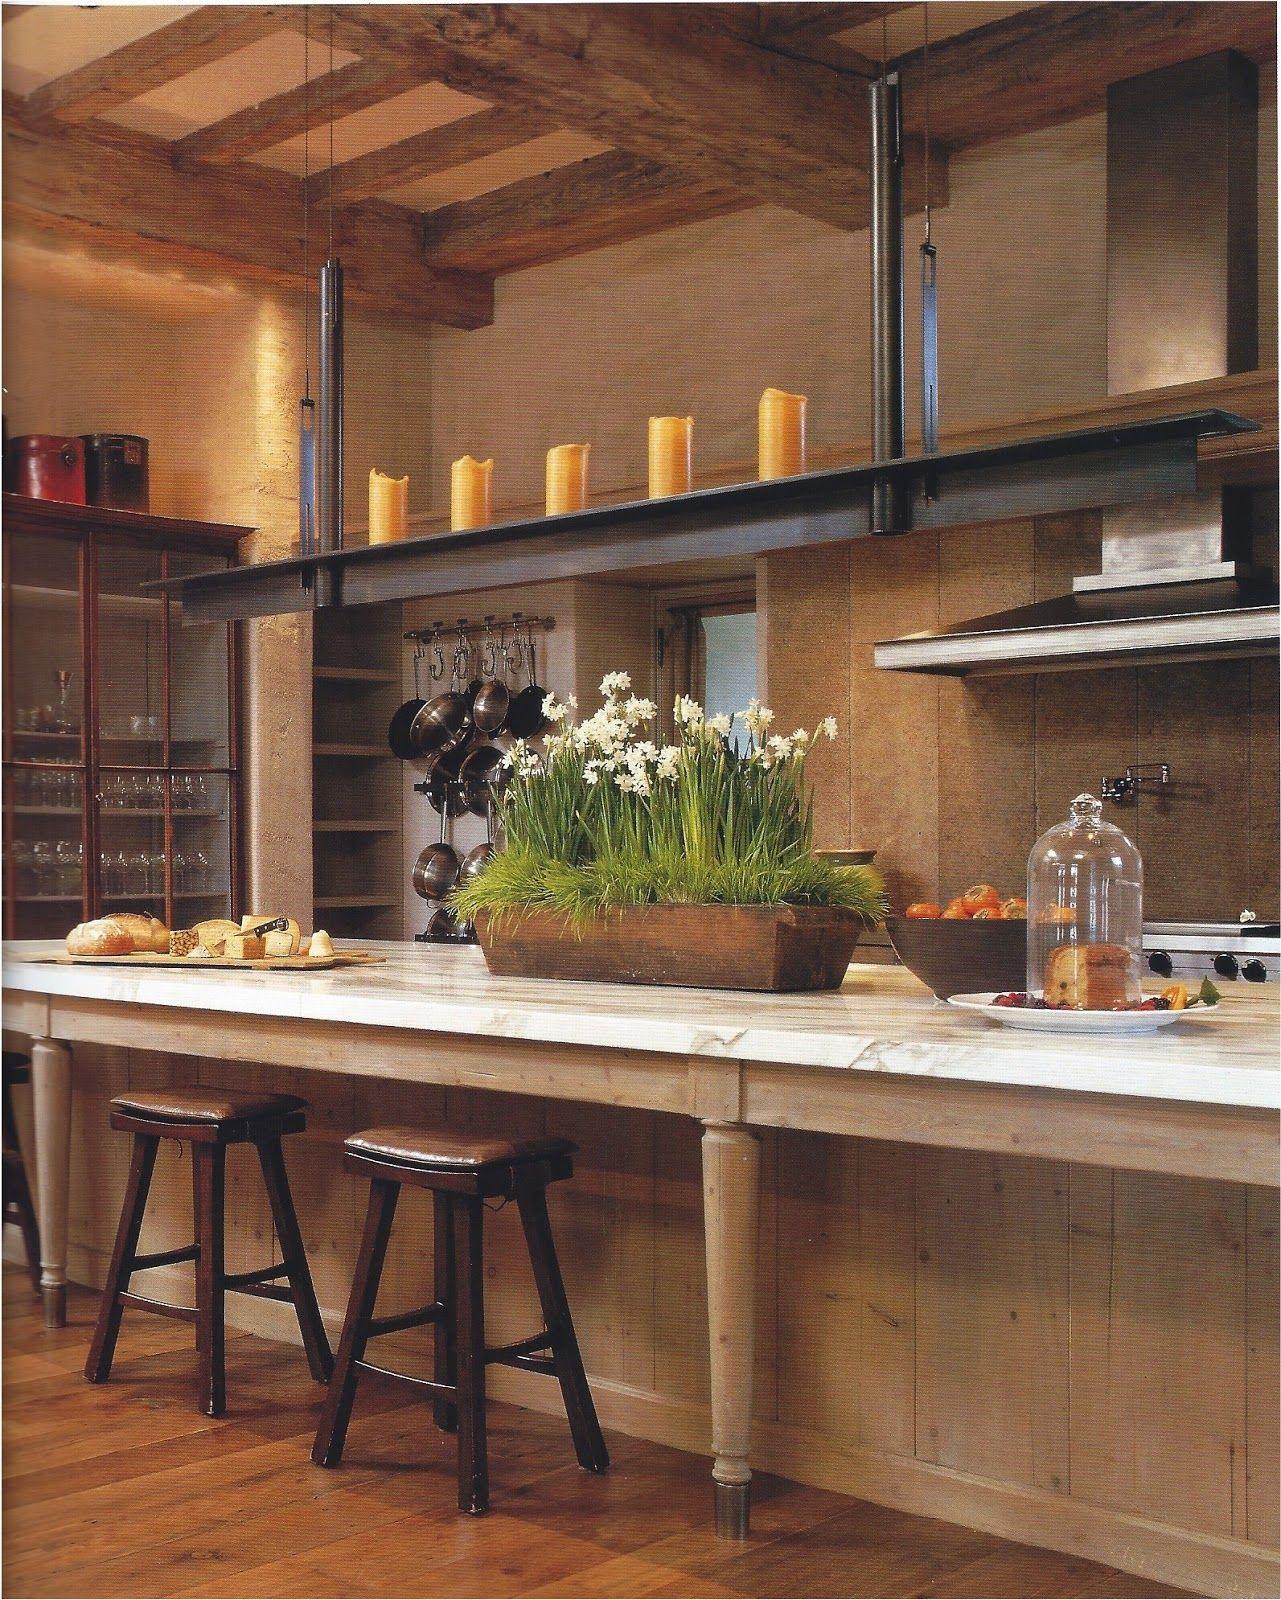 Home Decor, Kitchen Decor, Kitchen